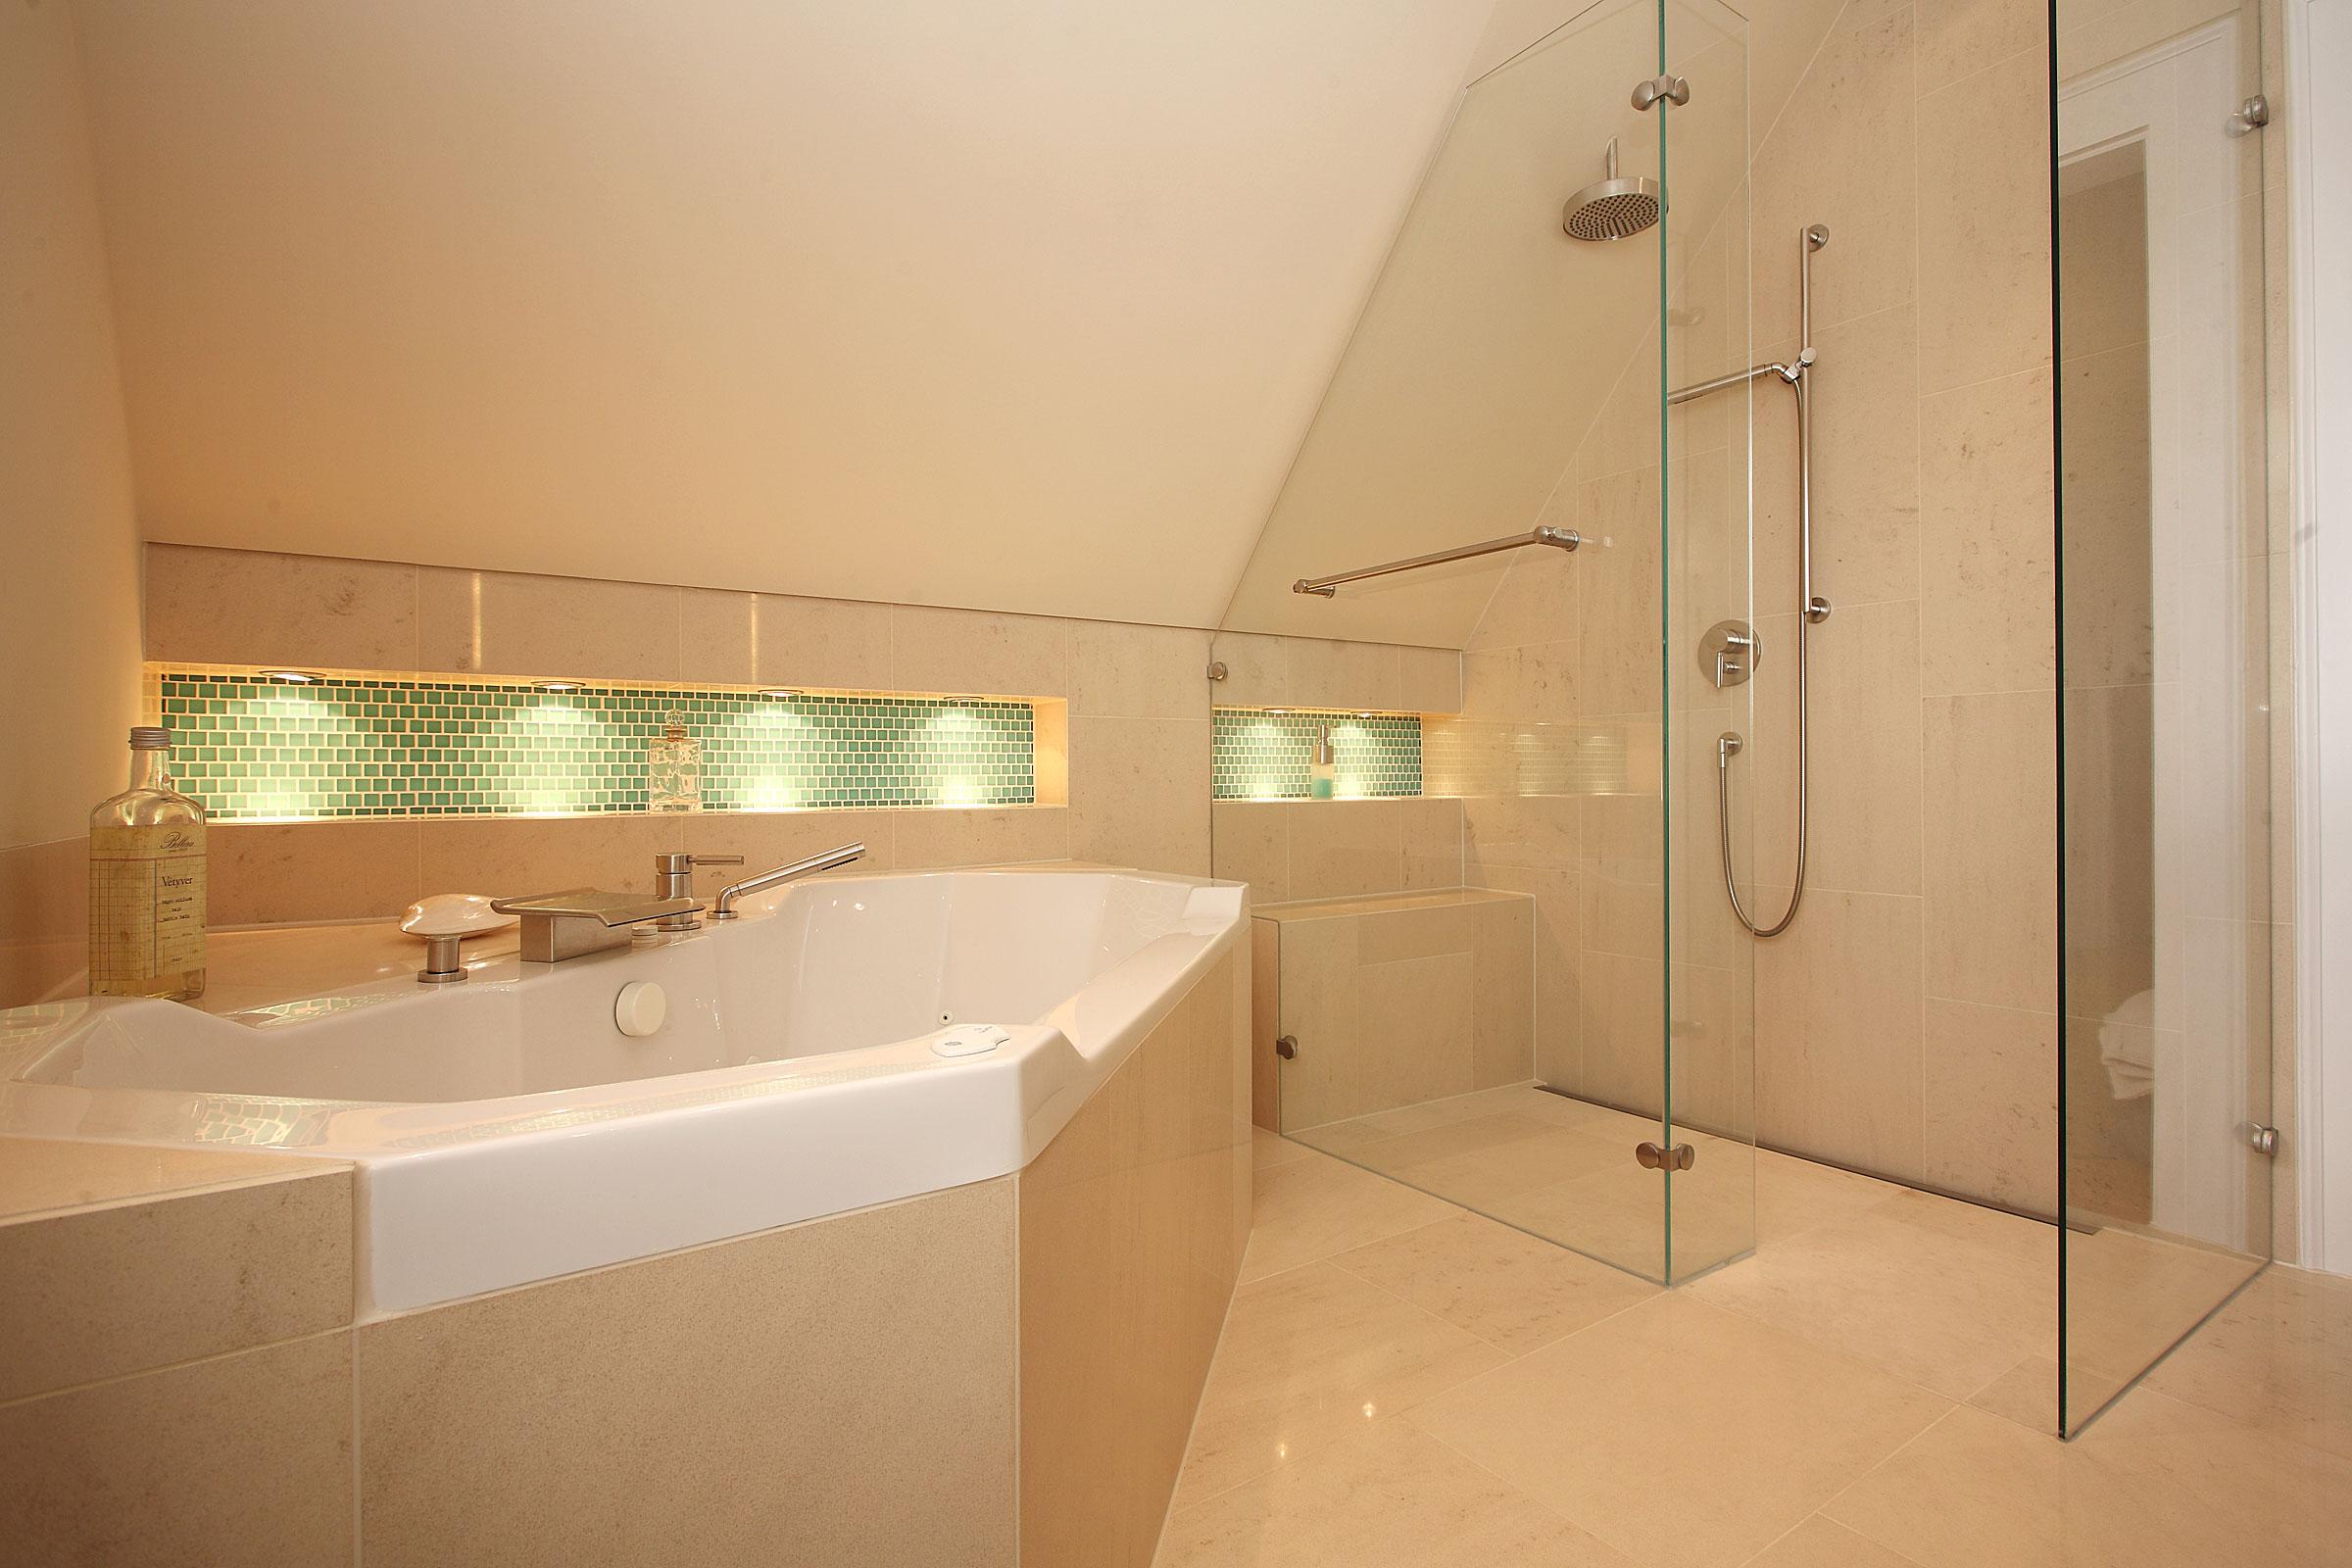 Dusche In DachschräGe @EE59   Startupjobsfa